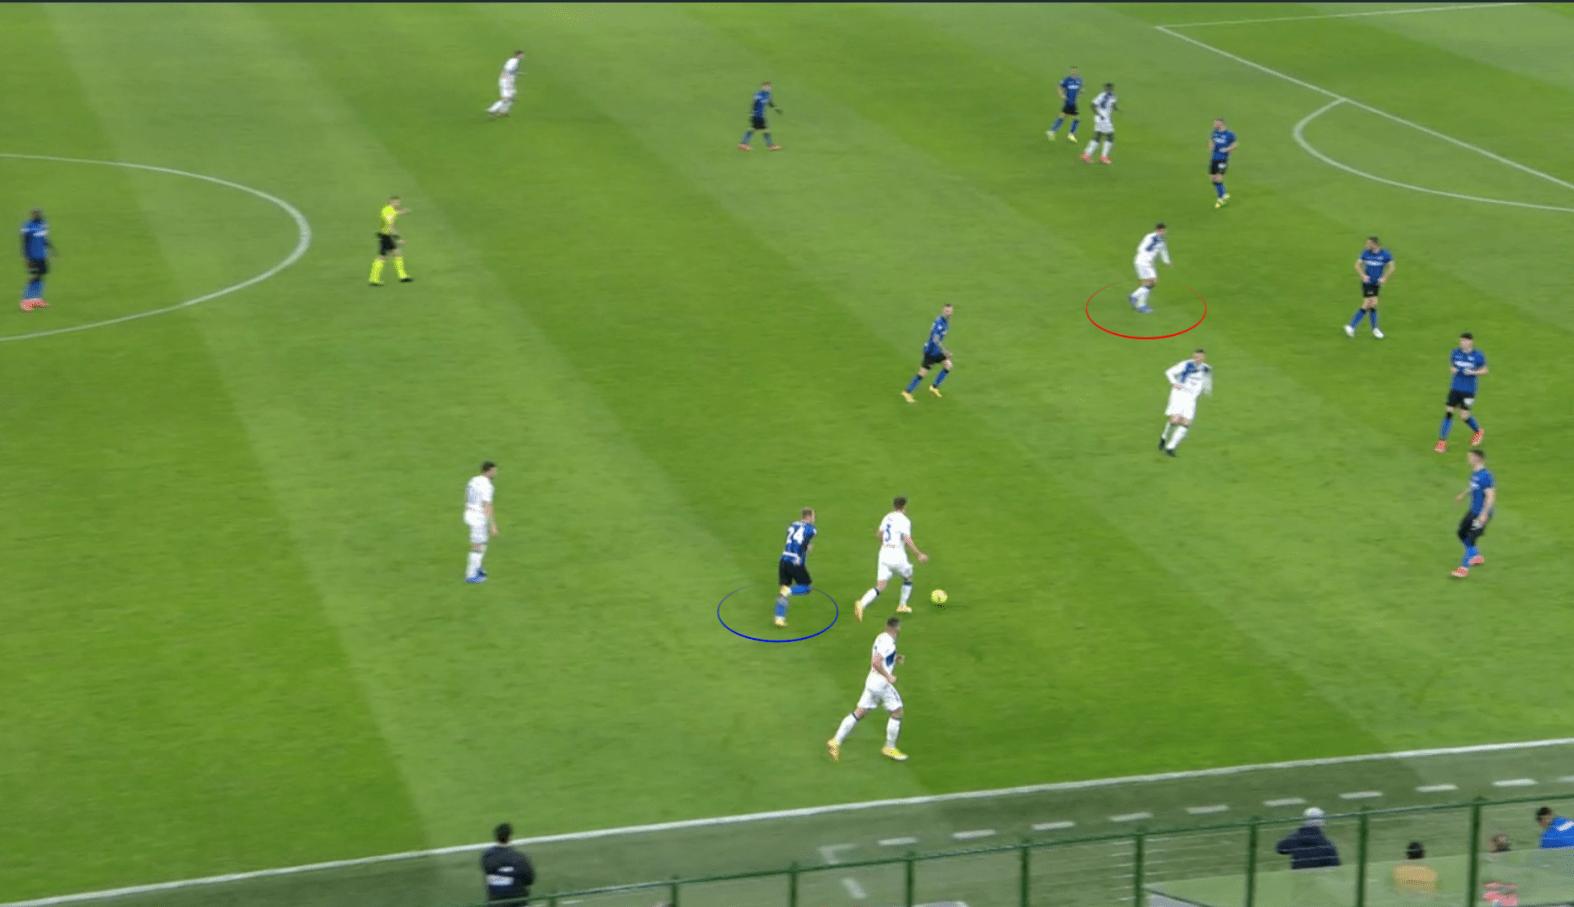 Inter-Atalanta (1-0): analisi tattica e considerazioni